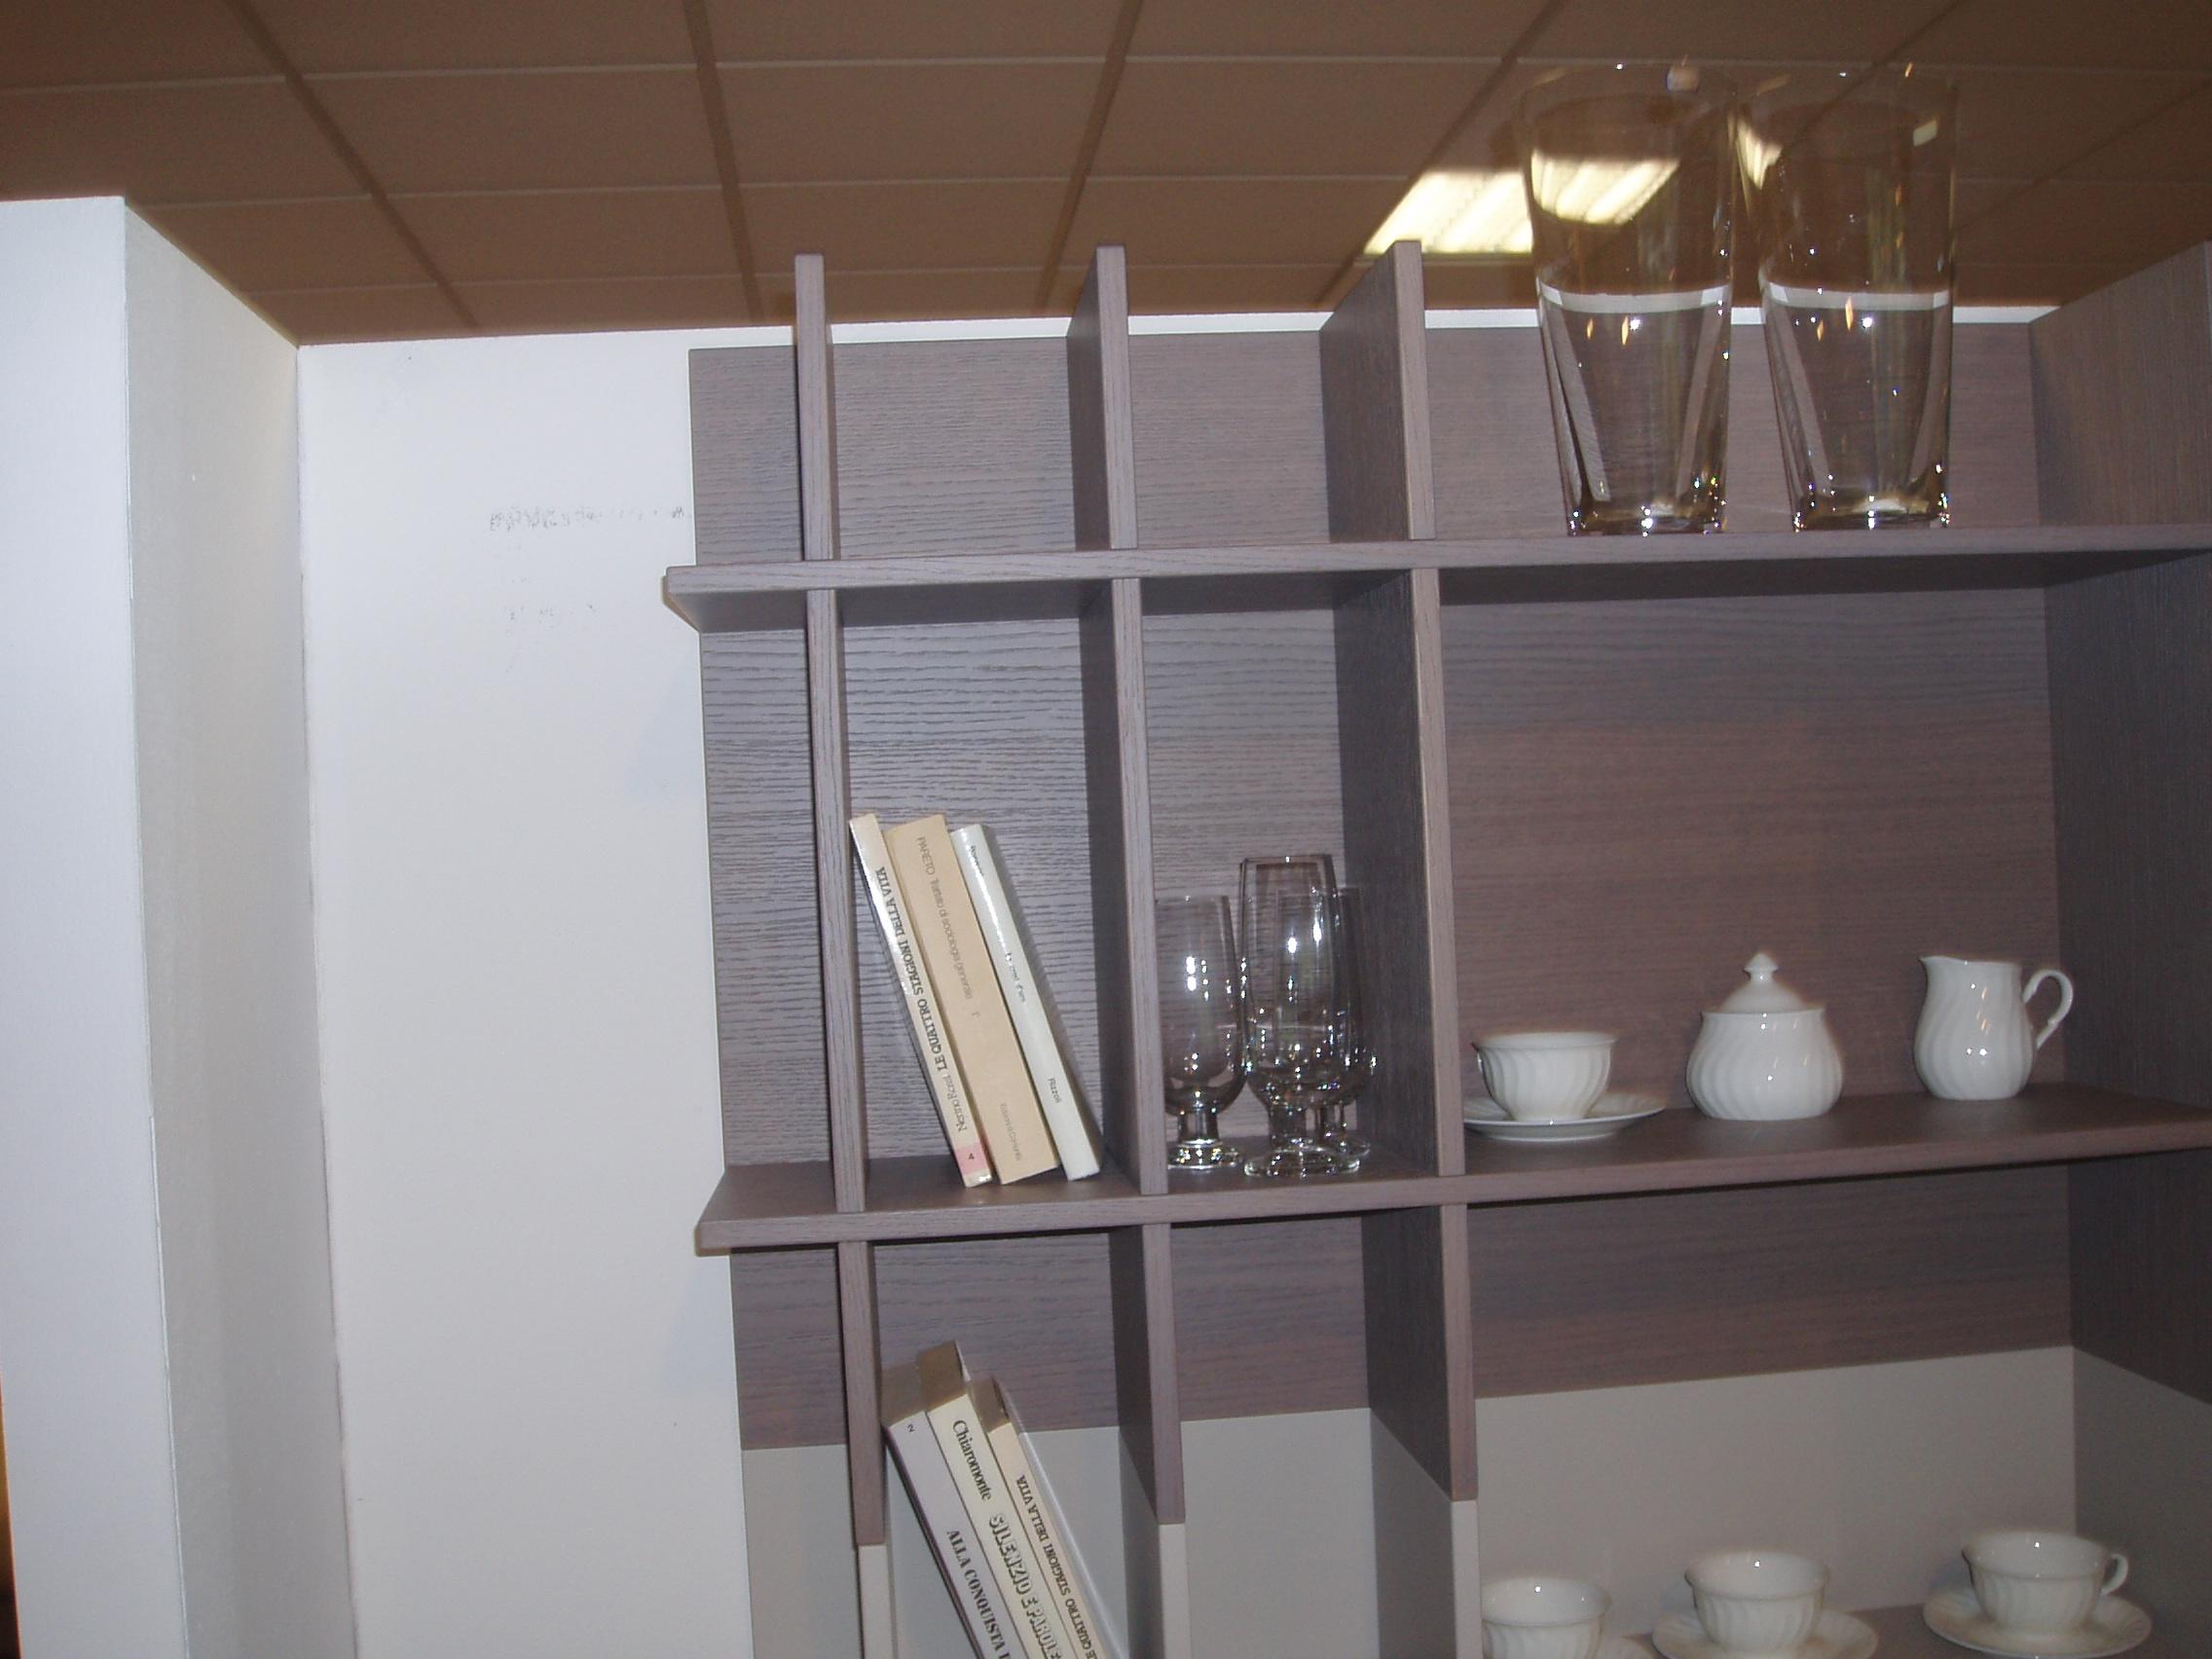 Soggiorni Doimo ~ Ispirazione Interior Design & Idee Mobili